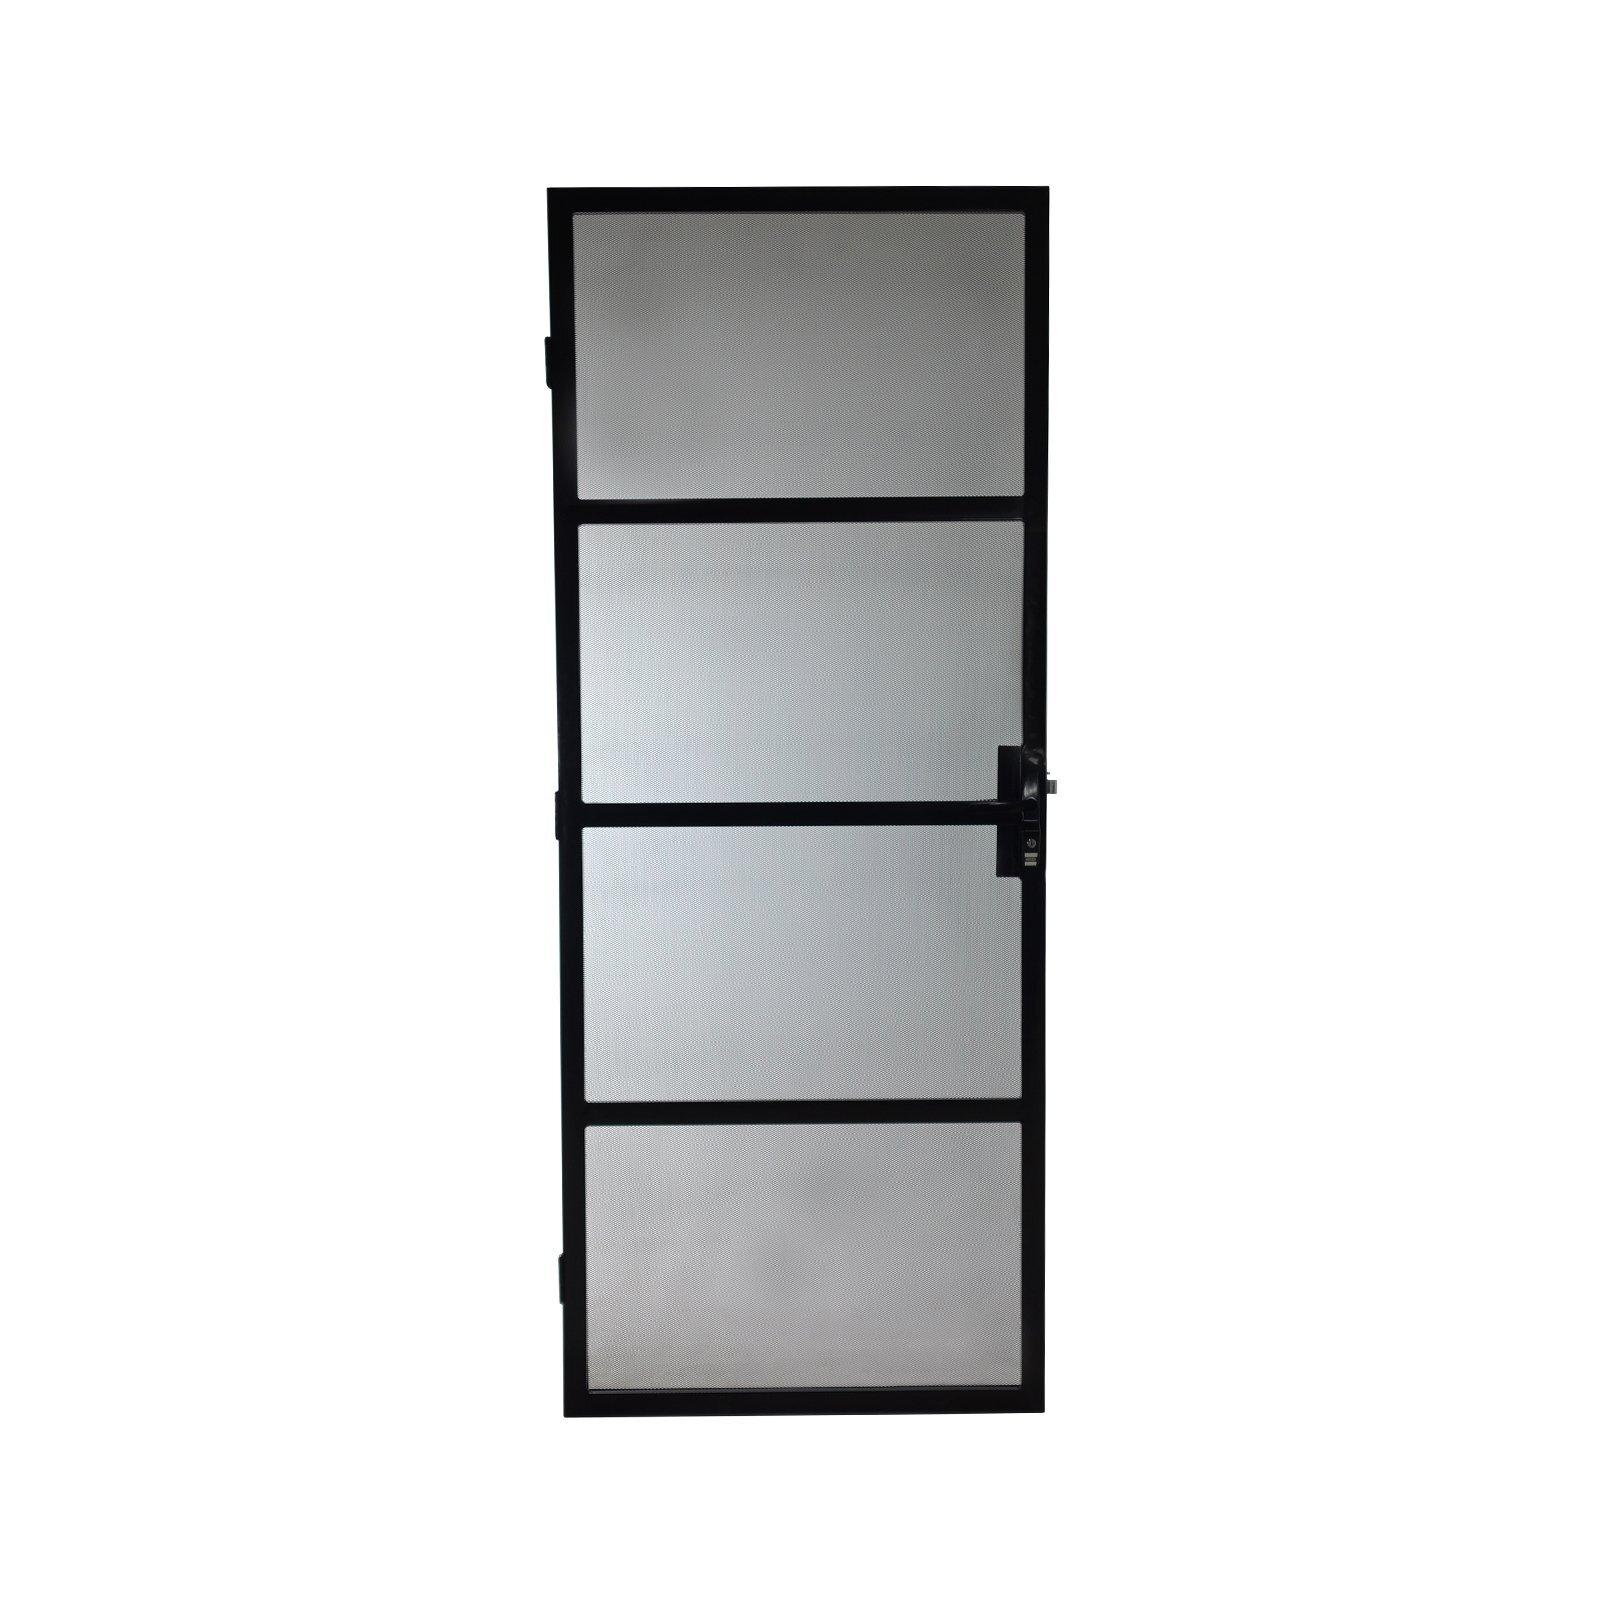 Polar 2032 x 813mm Black Torquay Metric Steel Screen Door